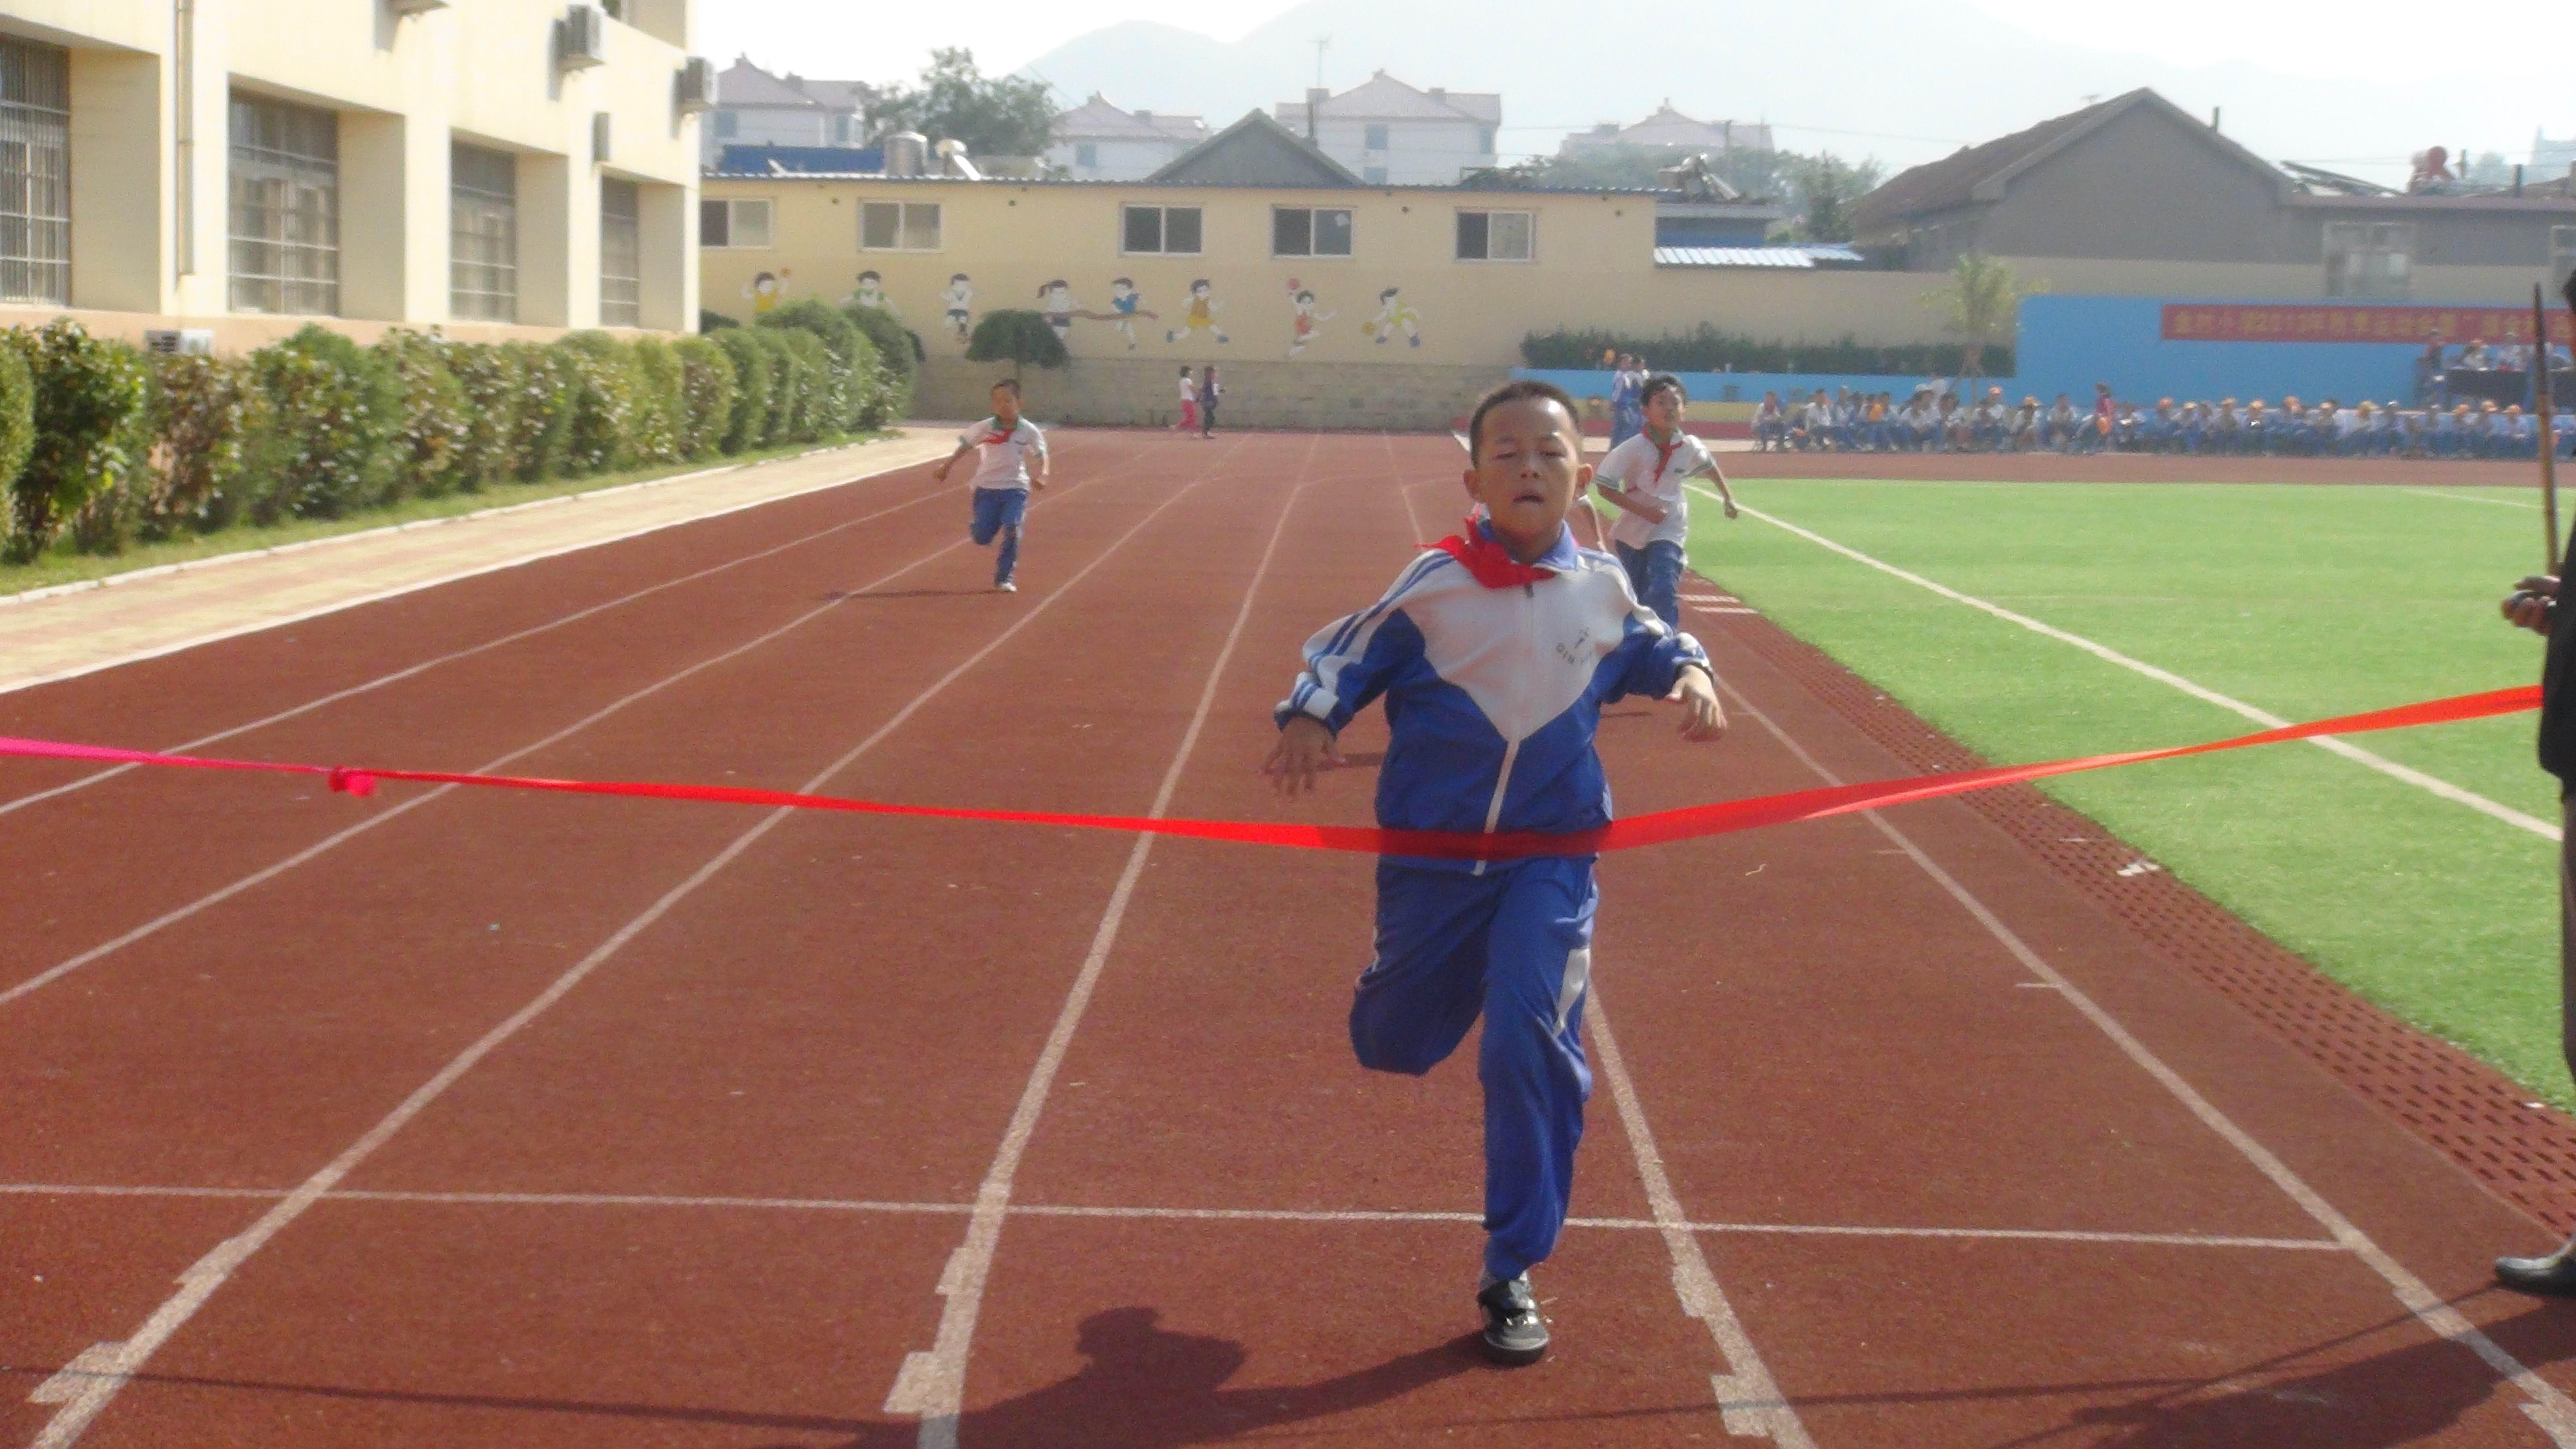 青岛市城阳区金村小学2103秋季田径运动会比赛照片